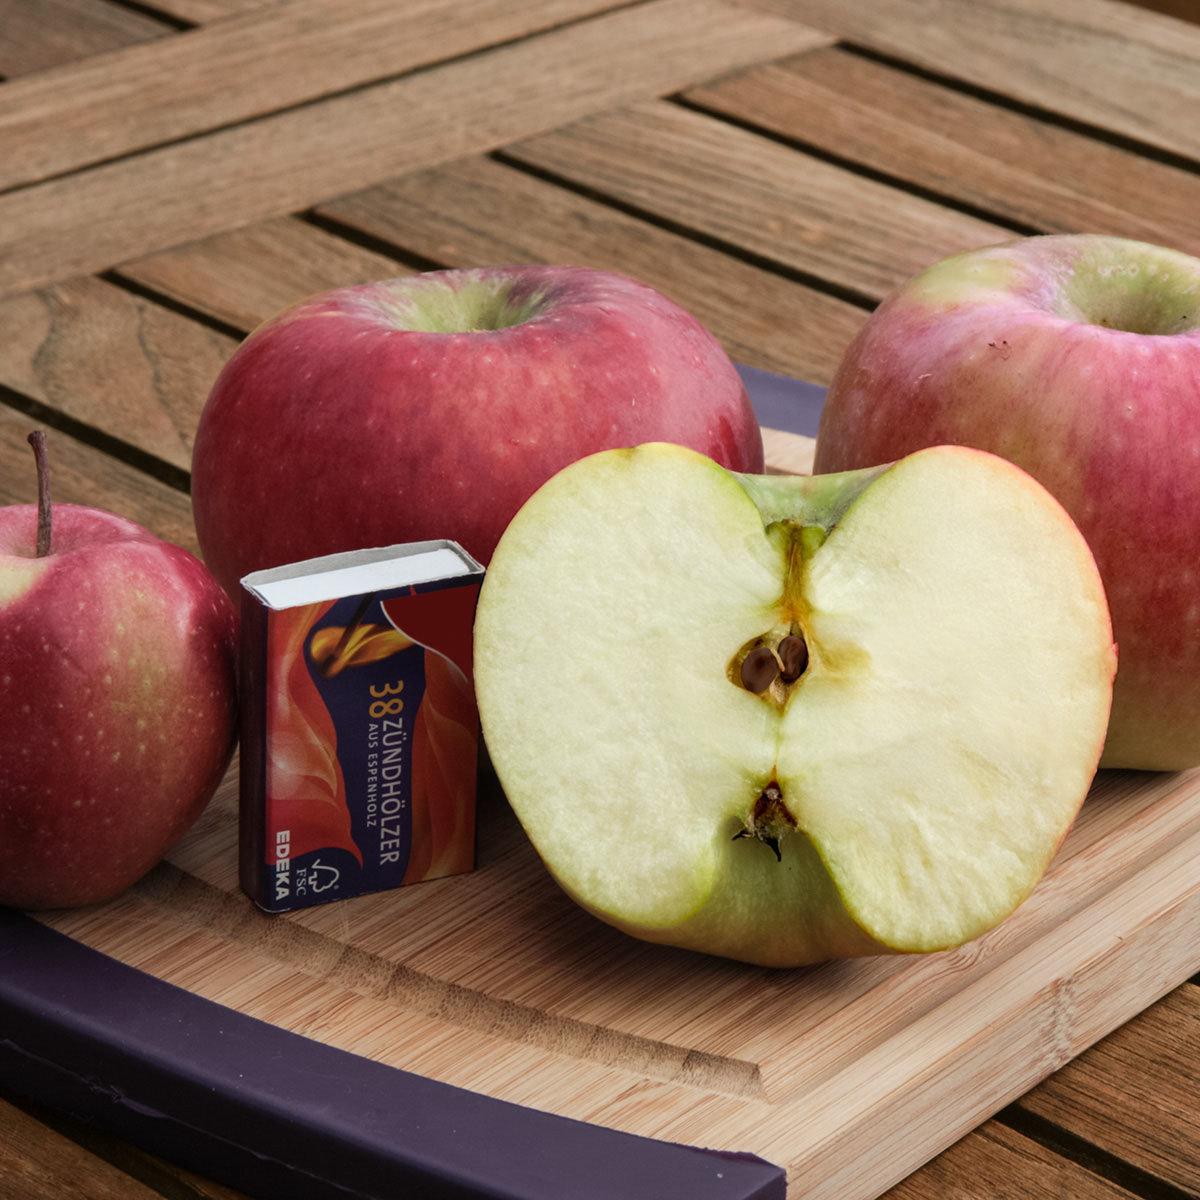 Riesen-Apfel Kirgisischer Apfel